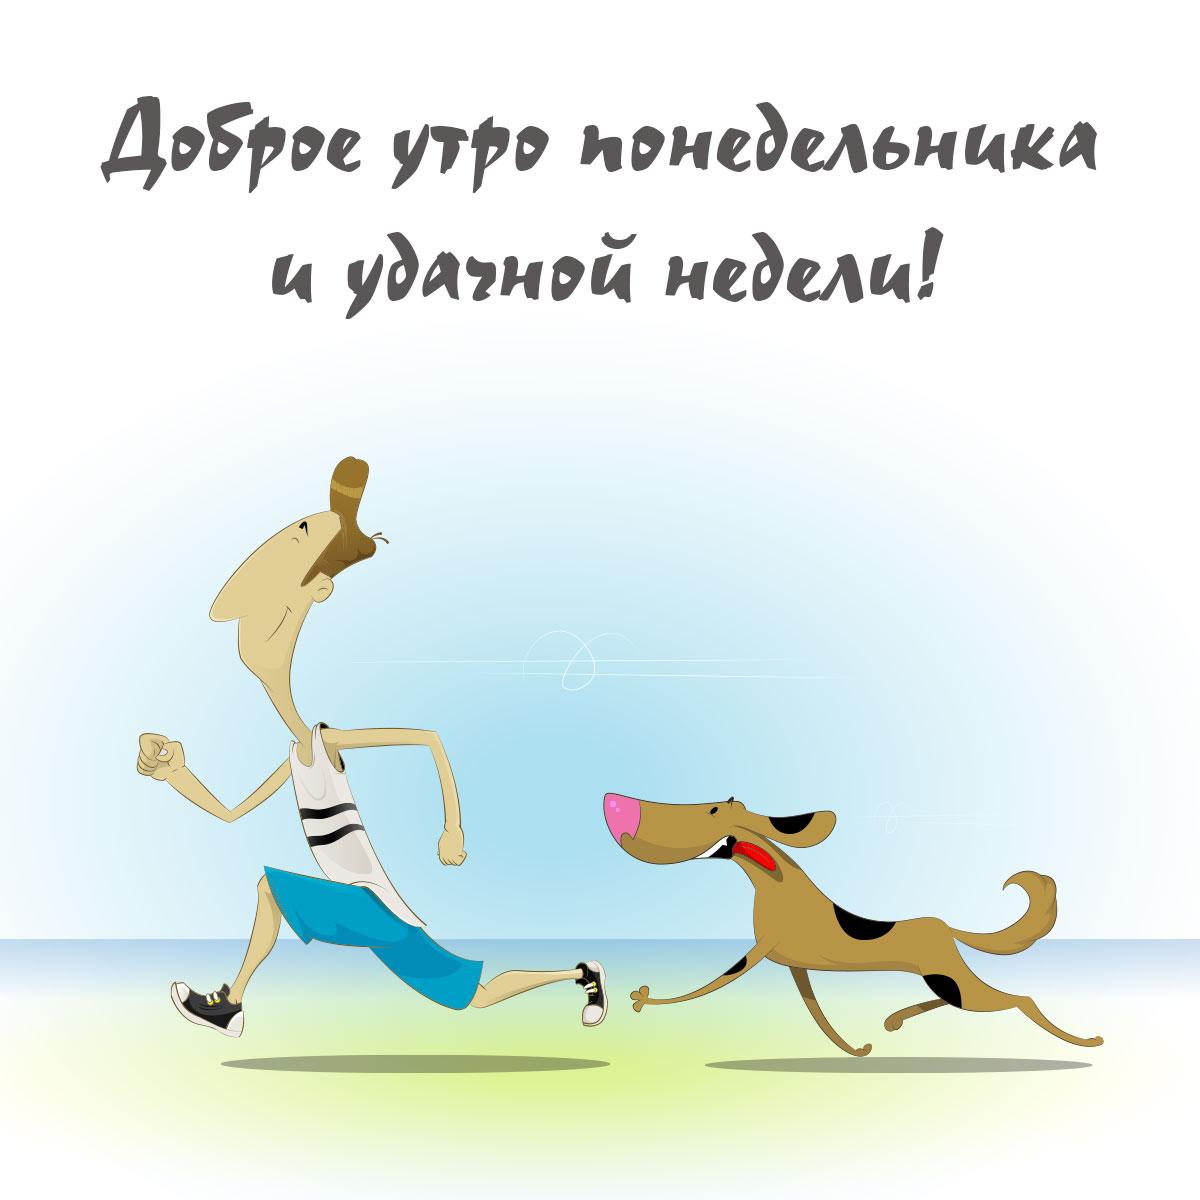 Картинка с бегущими мужчиной в спортивных штанах и пятнистой собакой.